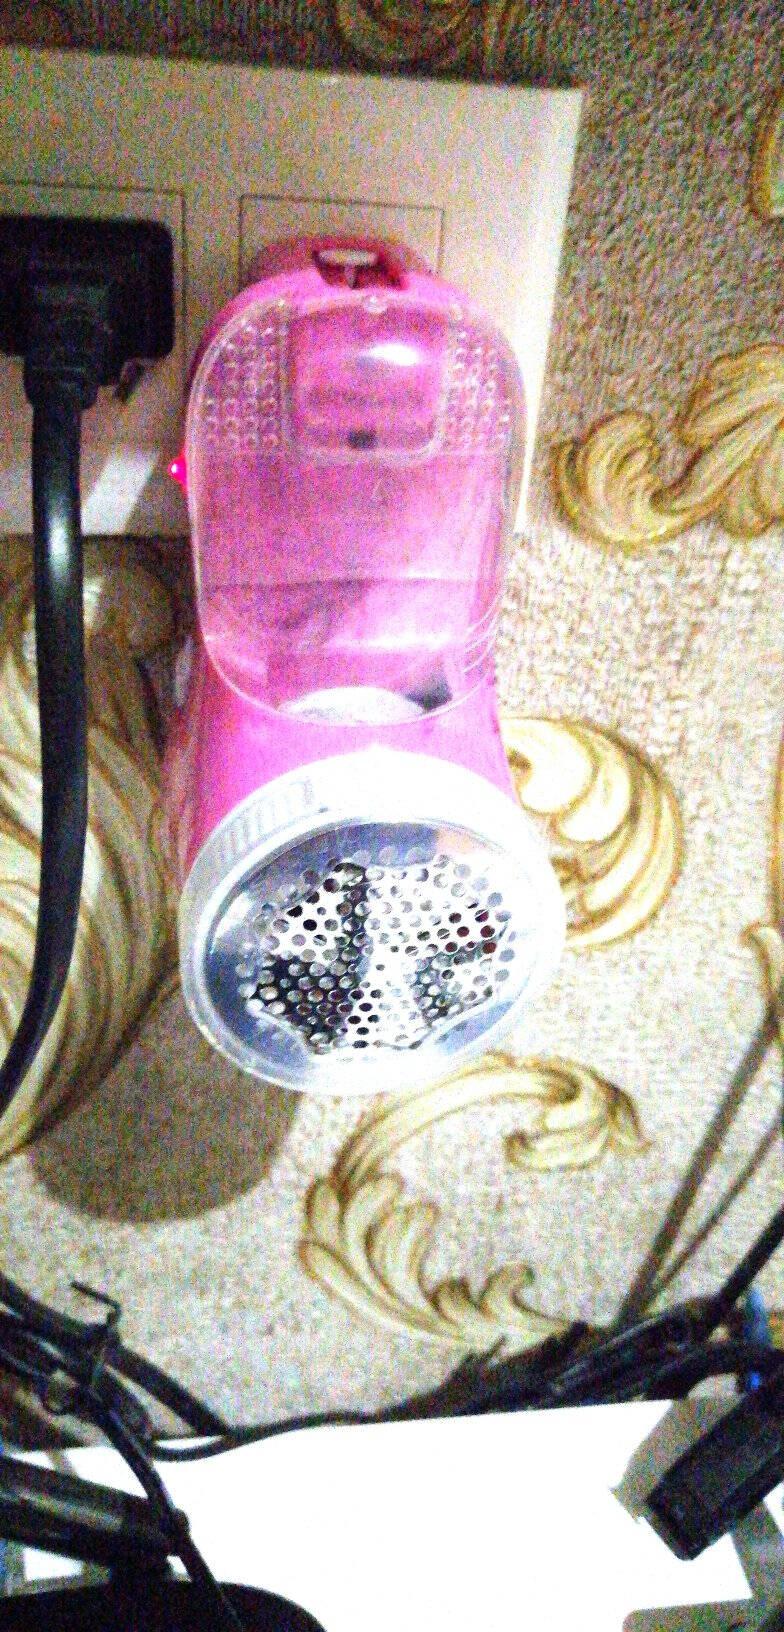 超人毛球修剪器除毛球器衣服电动剃毛球器充电毛衣打球器打毛器不伤衣服充电式家用吸毛器SR7811雾粉色标配